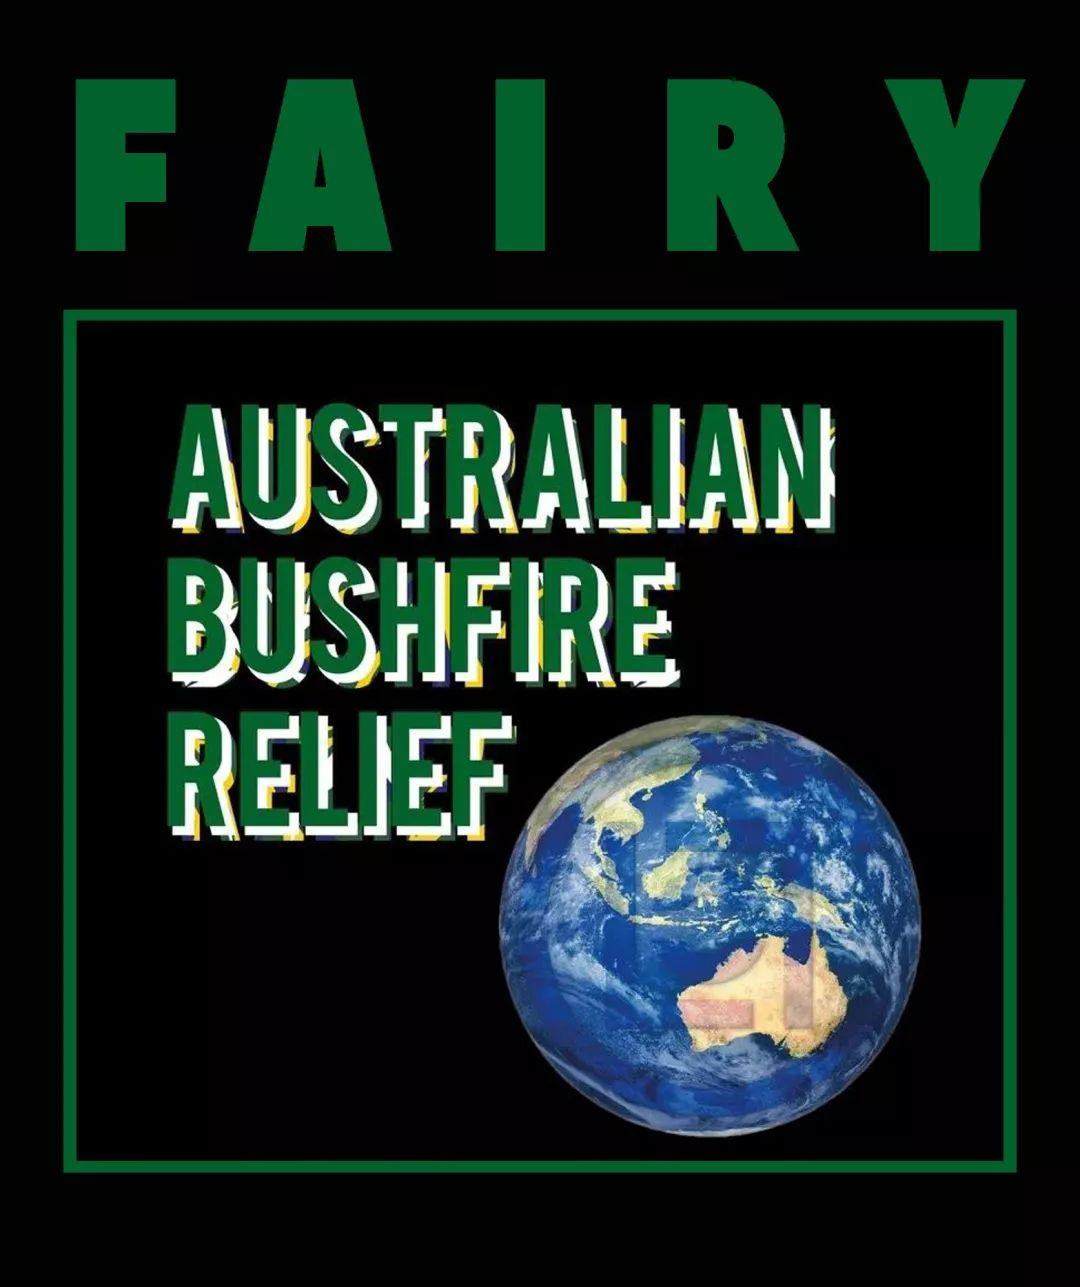 澳洲山火肆虐,考拉成濒危动物?时尚品牌接连加入援助!